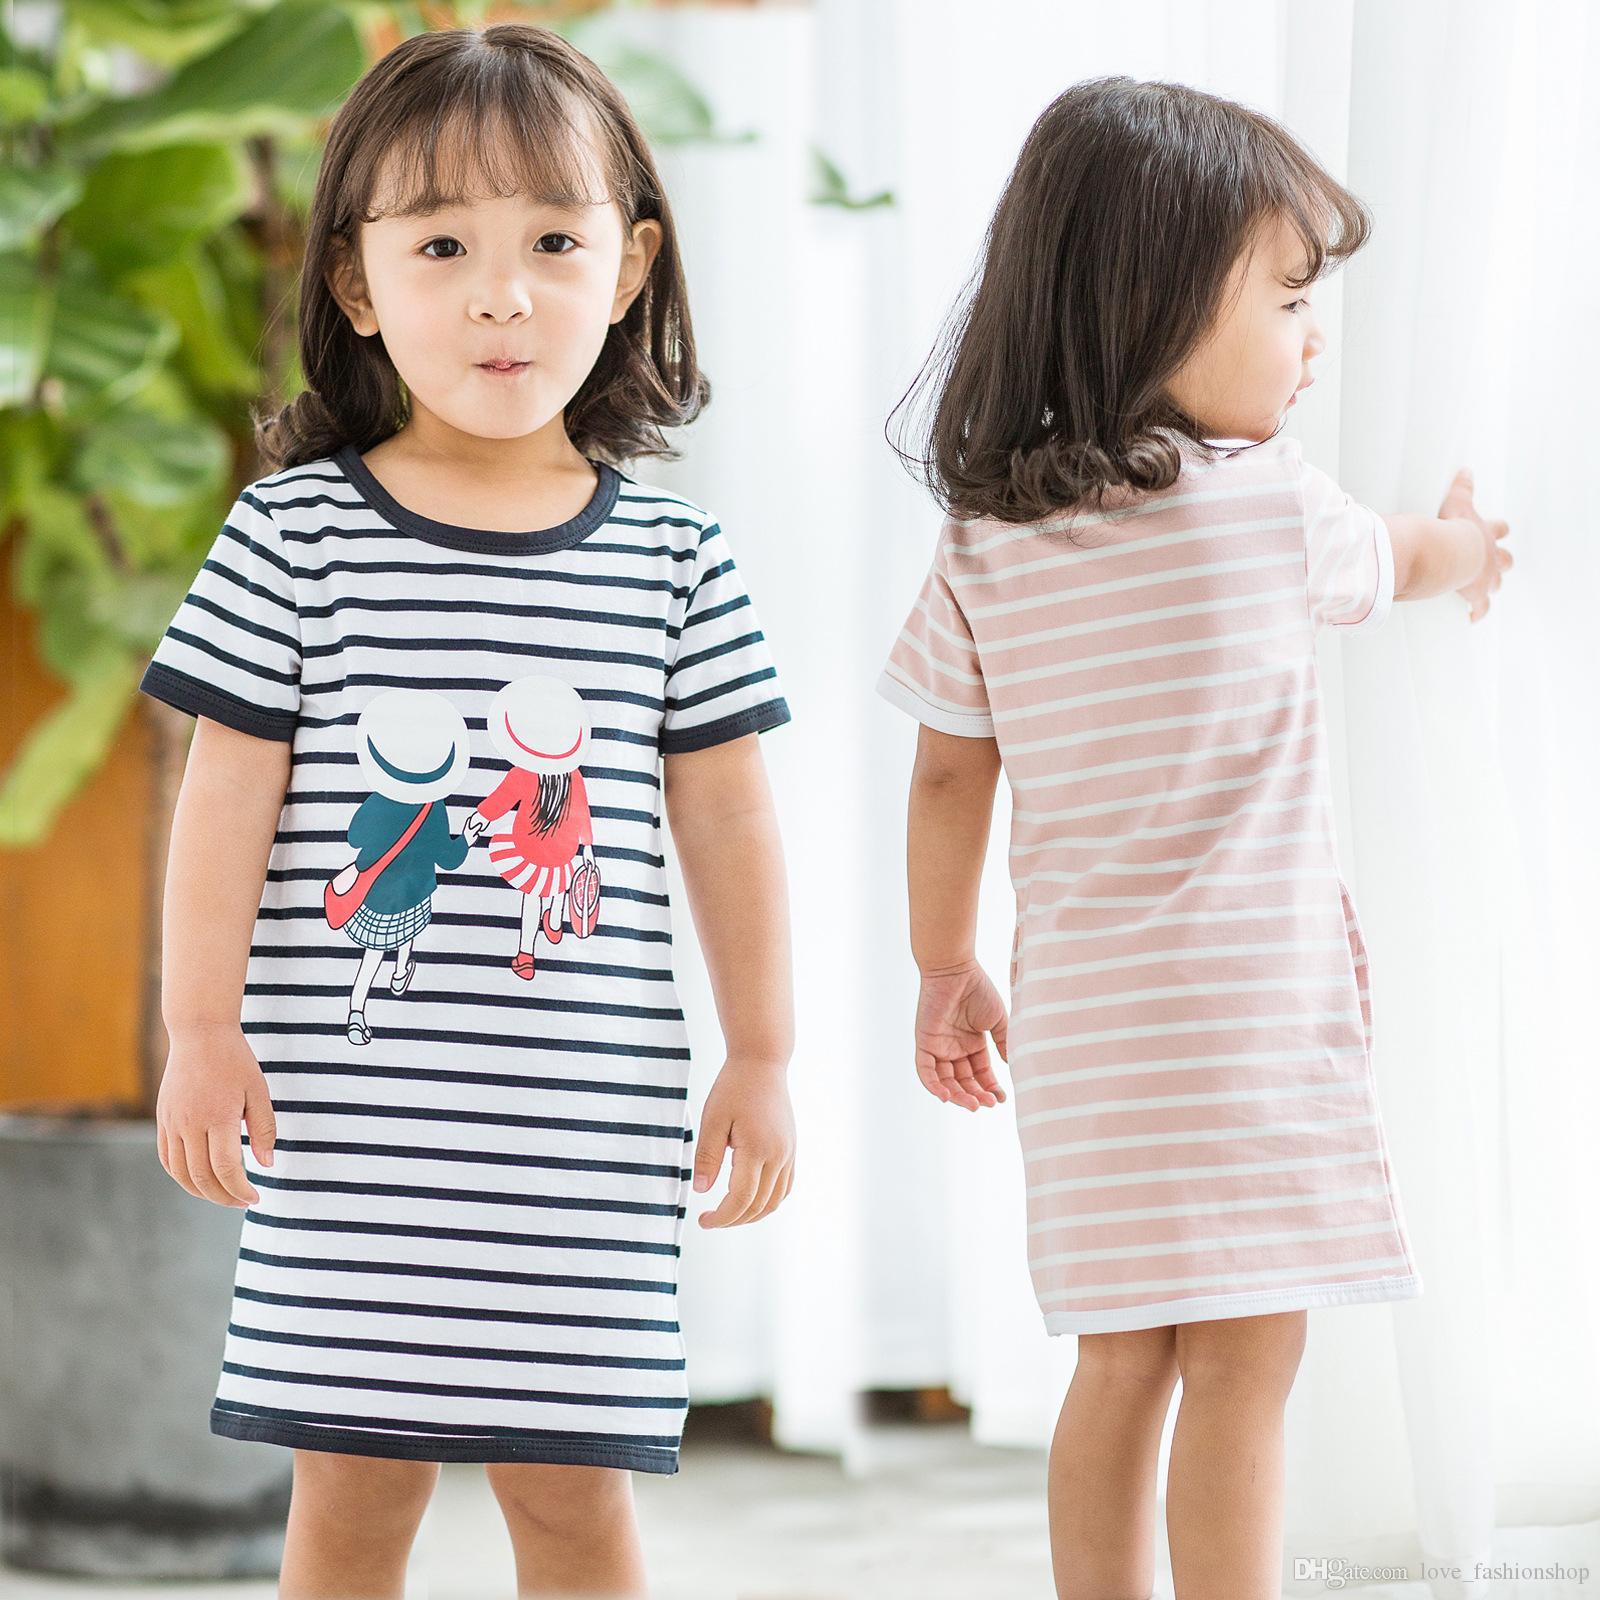 Vendita al dettaglio di neonate senza maniche stampato abito a righe neonato estate fumetto dritto abiti casual in cotone per bambine abbigliamento bambini boutique